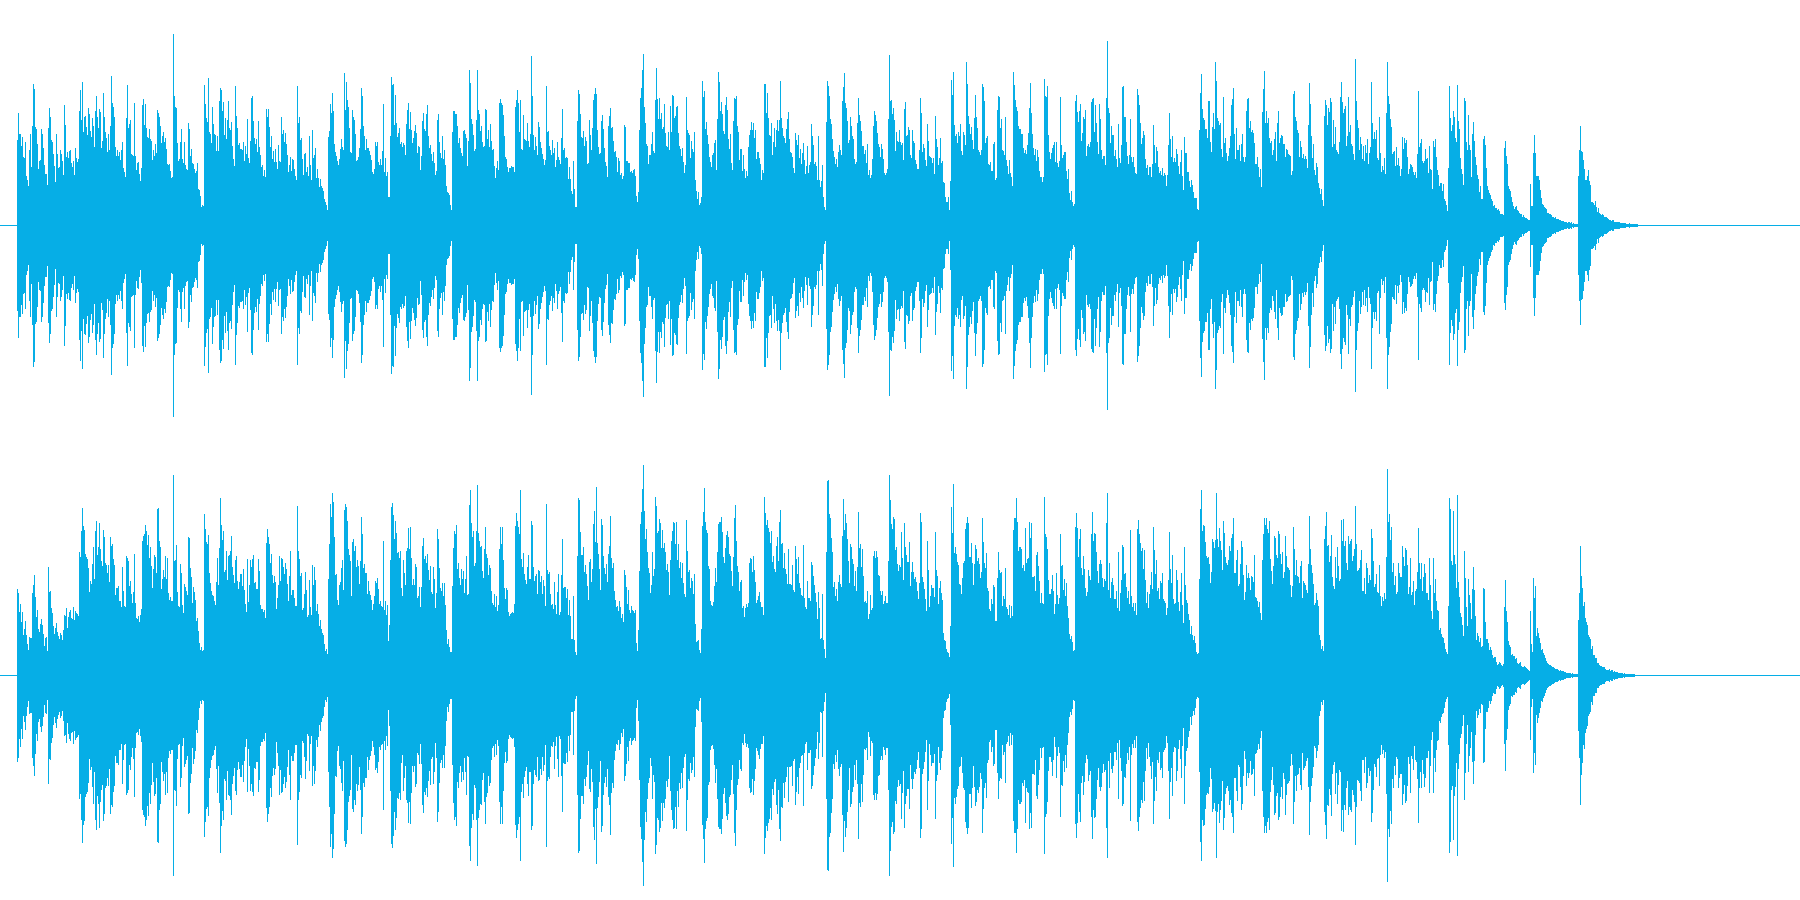 コミカルでマジカルな中国風サウンドの再生済みの波形